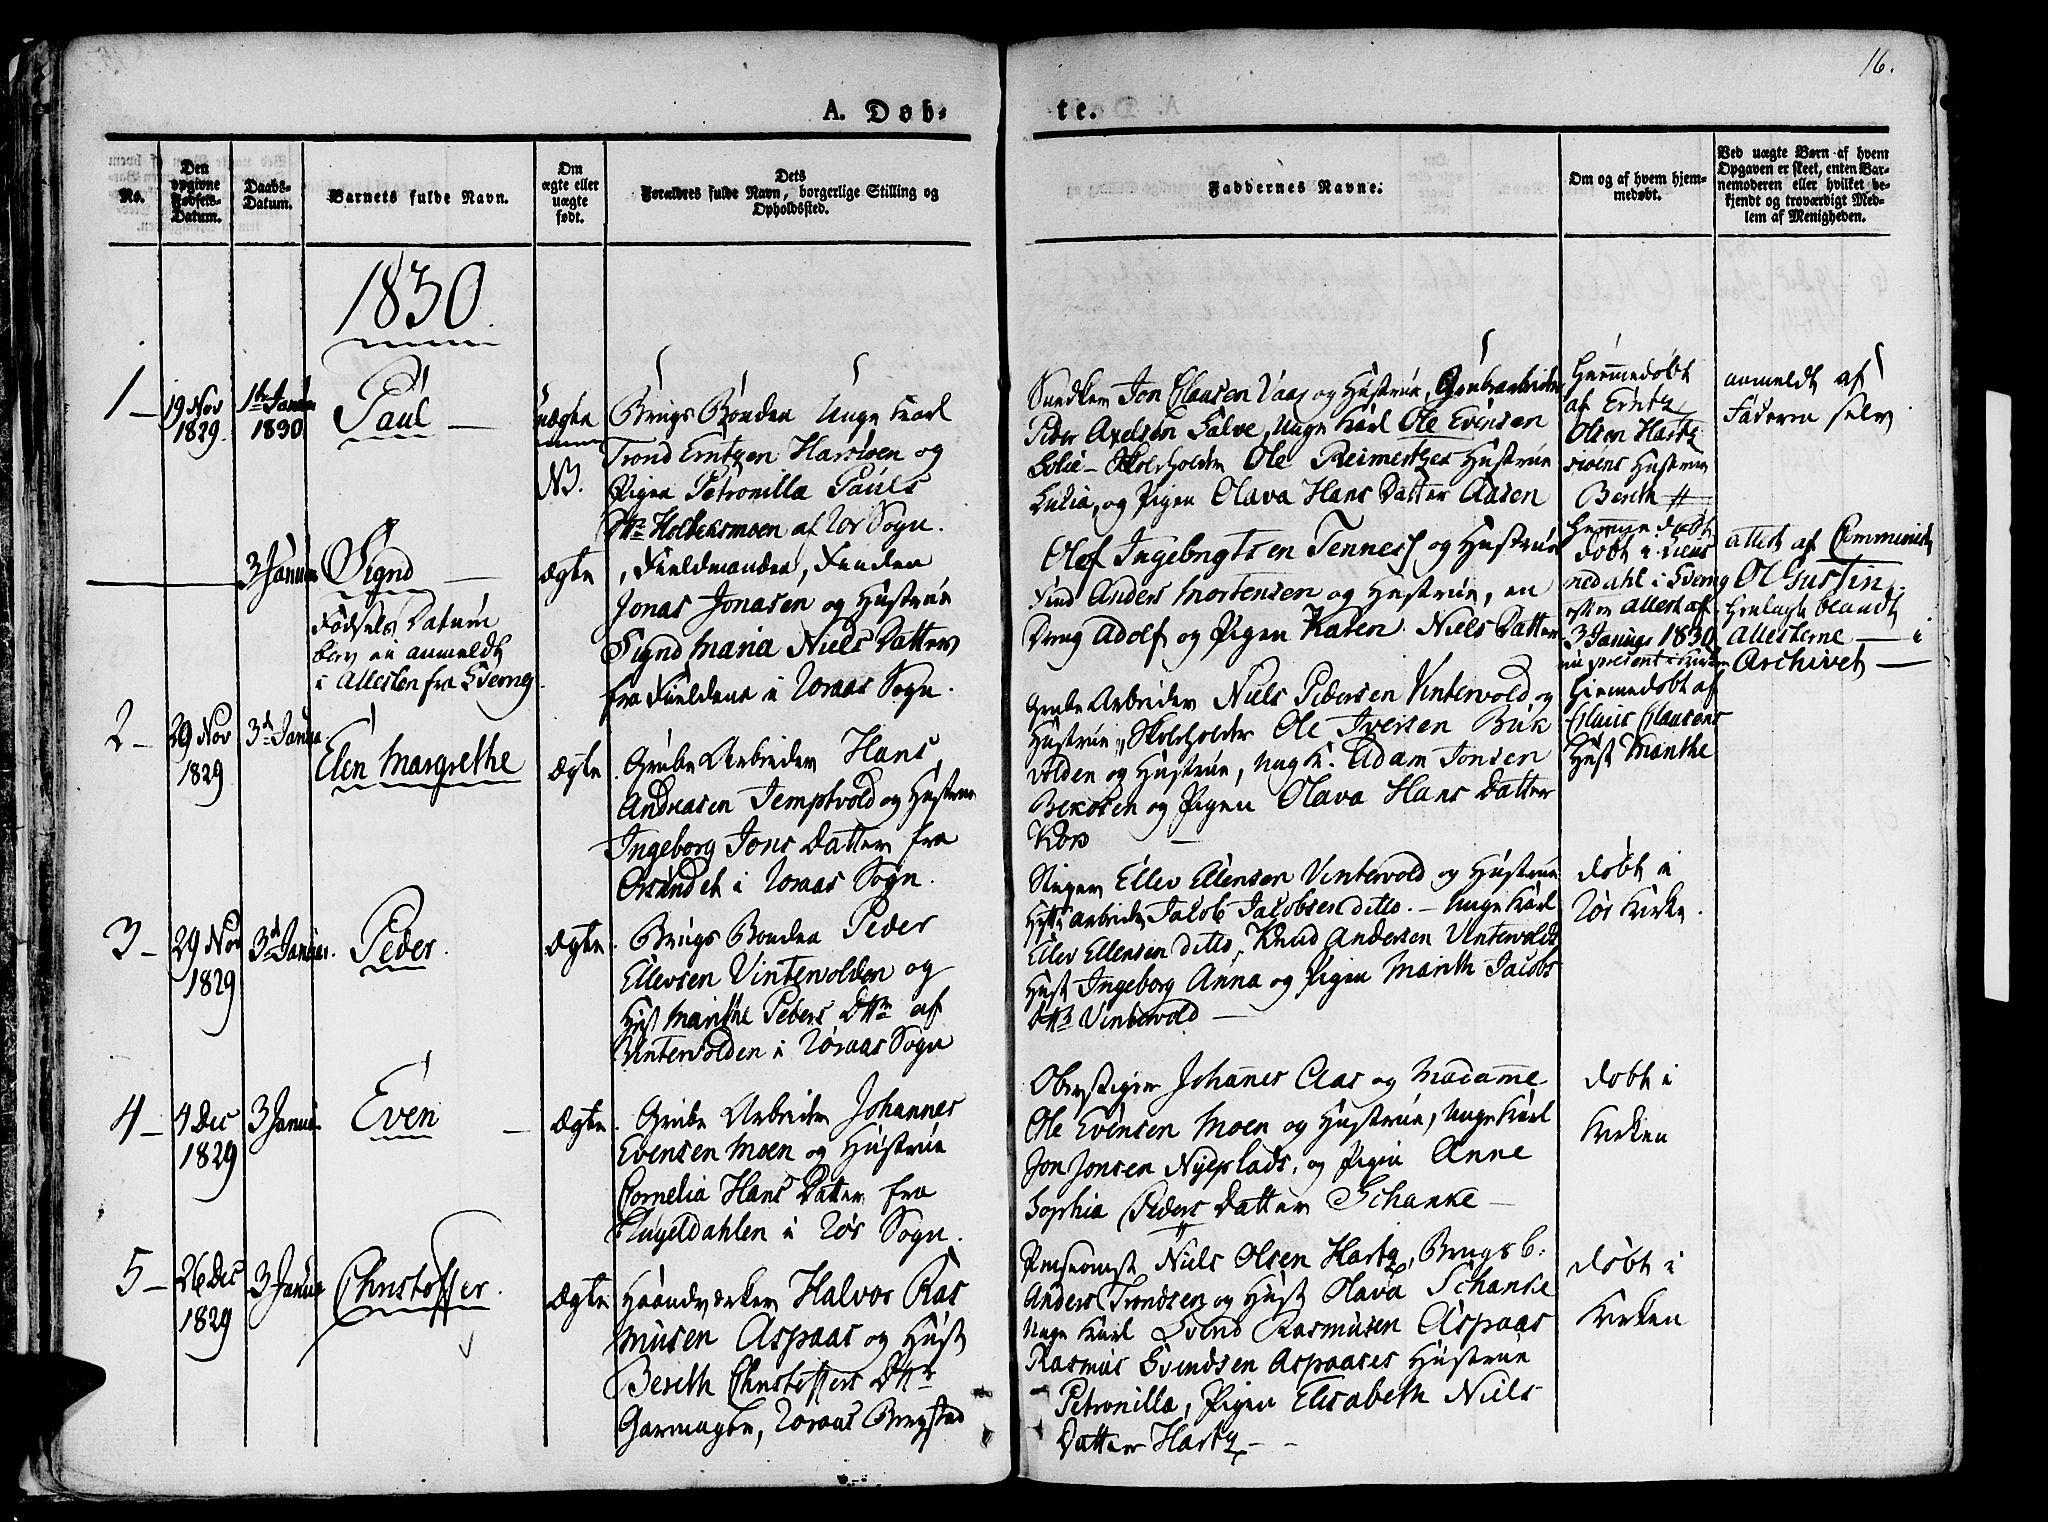 SAT, Ministerialprotokoller, klokkerbøker og fødselsregistre - Sør-Trøndelag, 681/L0930: Ministerialbok nr. 681A08, 1829-1844, s. 16